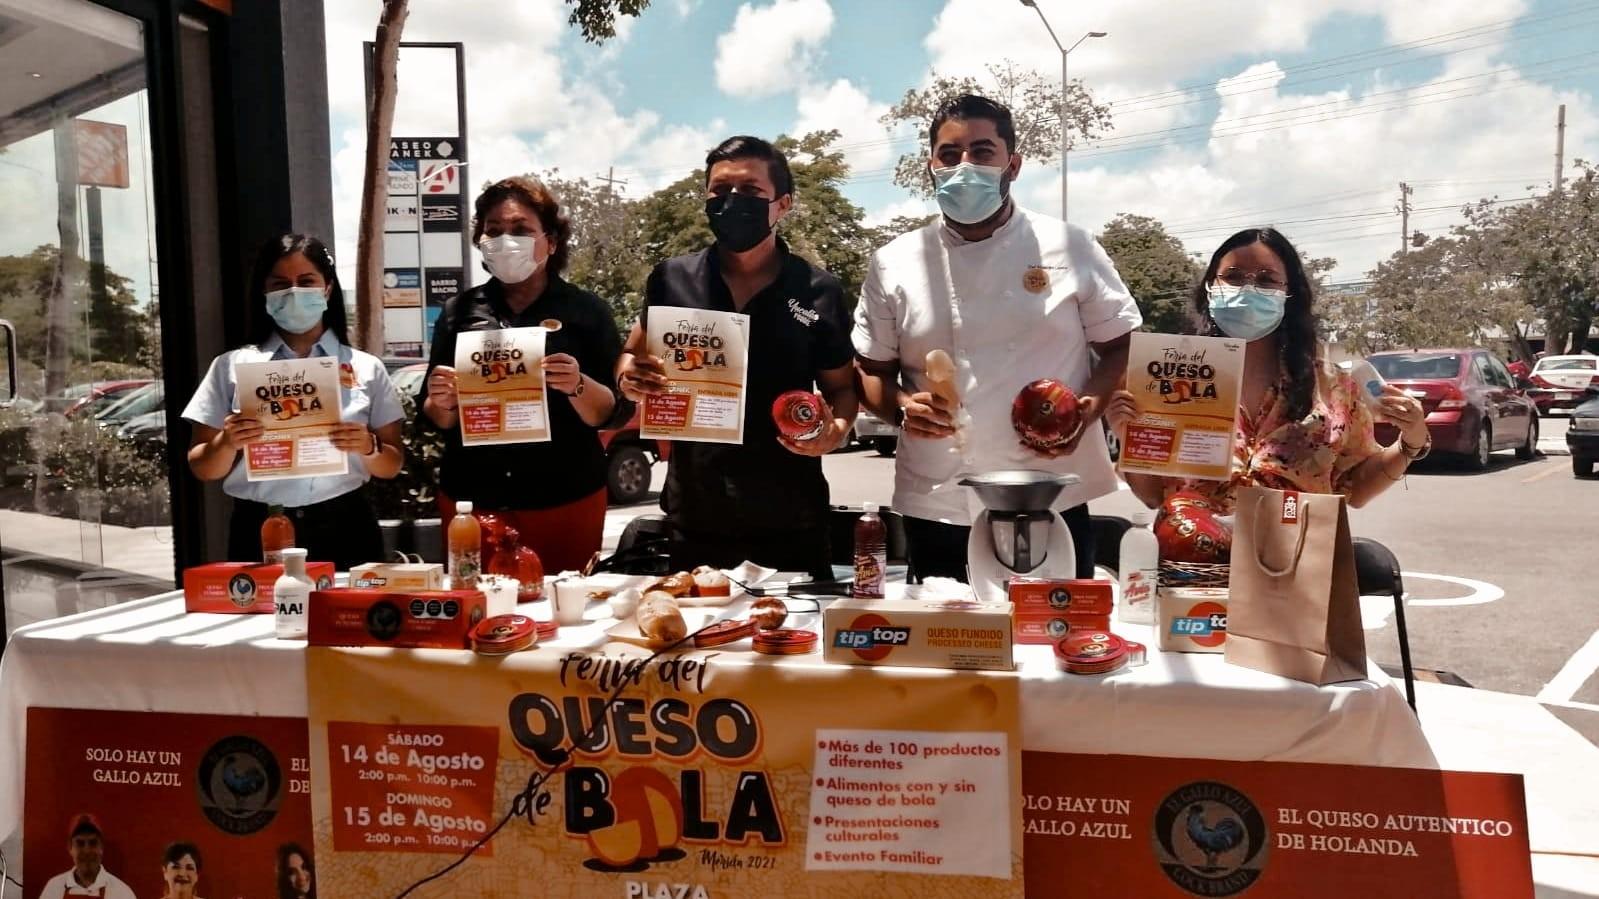 Segunda edición de la feria de Queso de Bola llega a Mérida